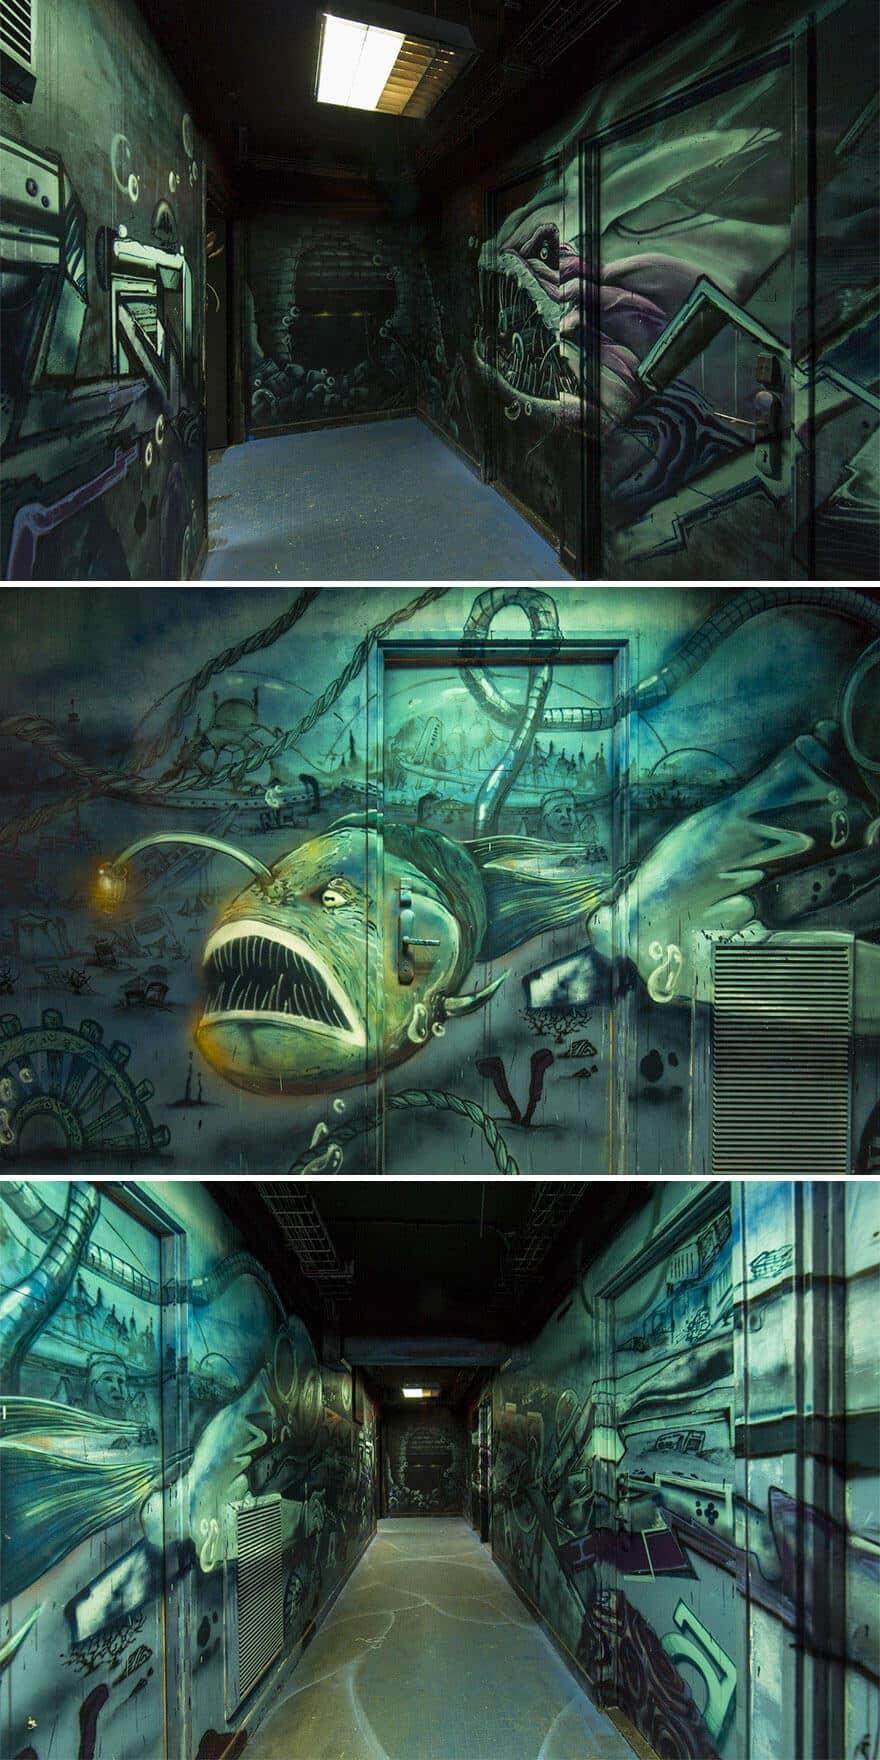 художники разрисовали стены студенческого общежития, фото 5